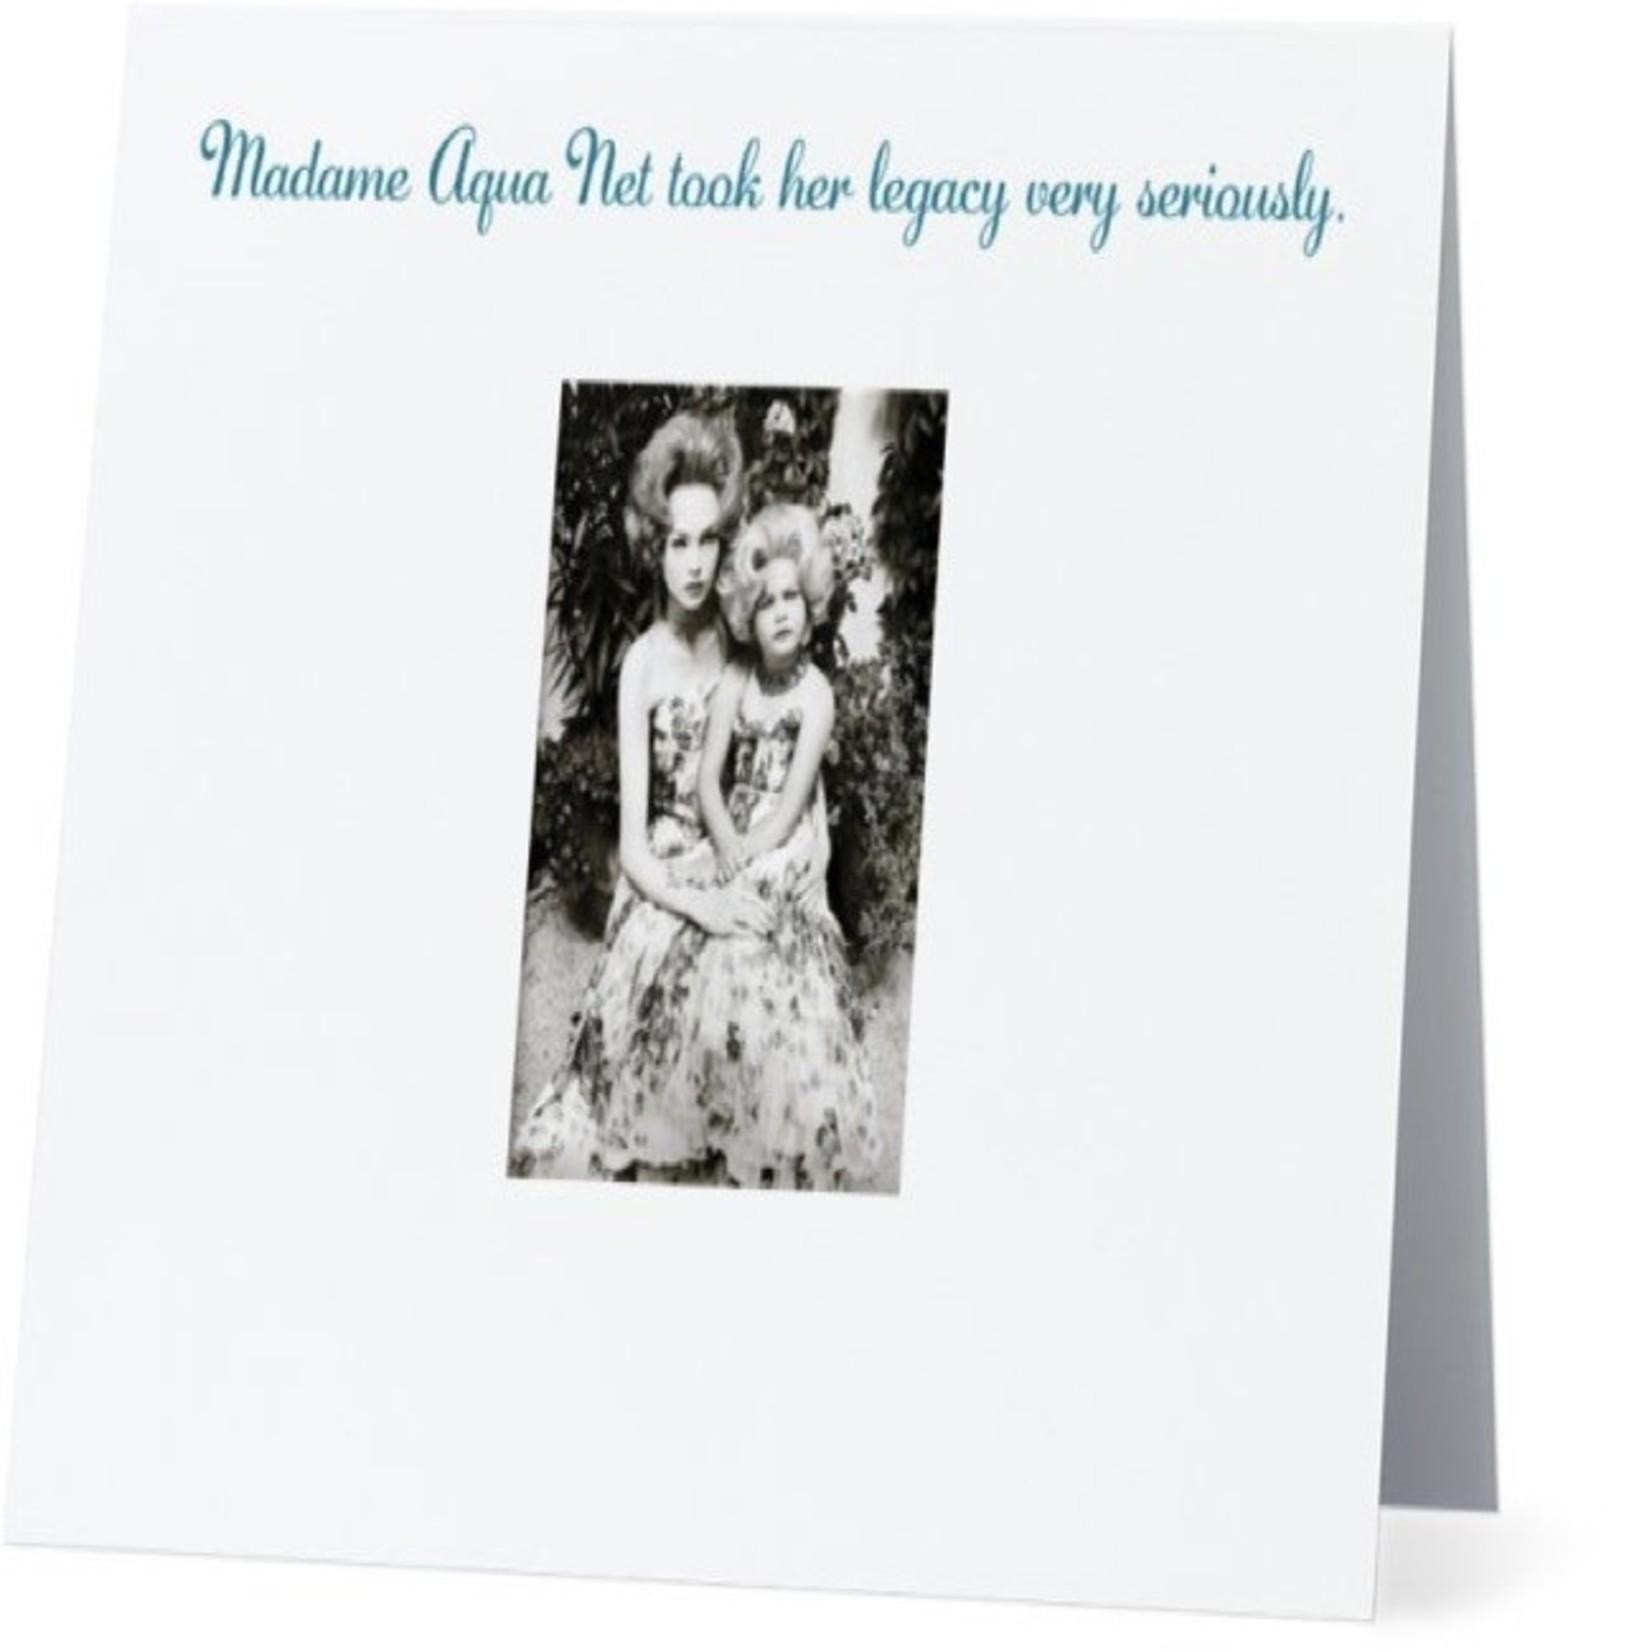 Bad Annie's Card #070 - Madam Aqua Net